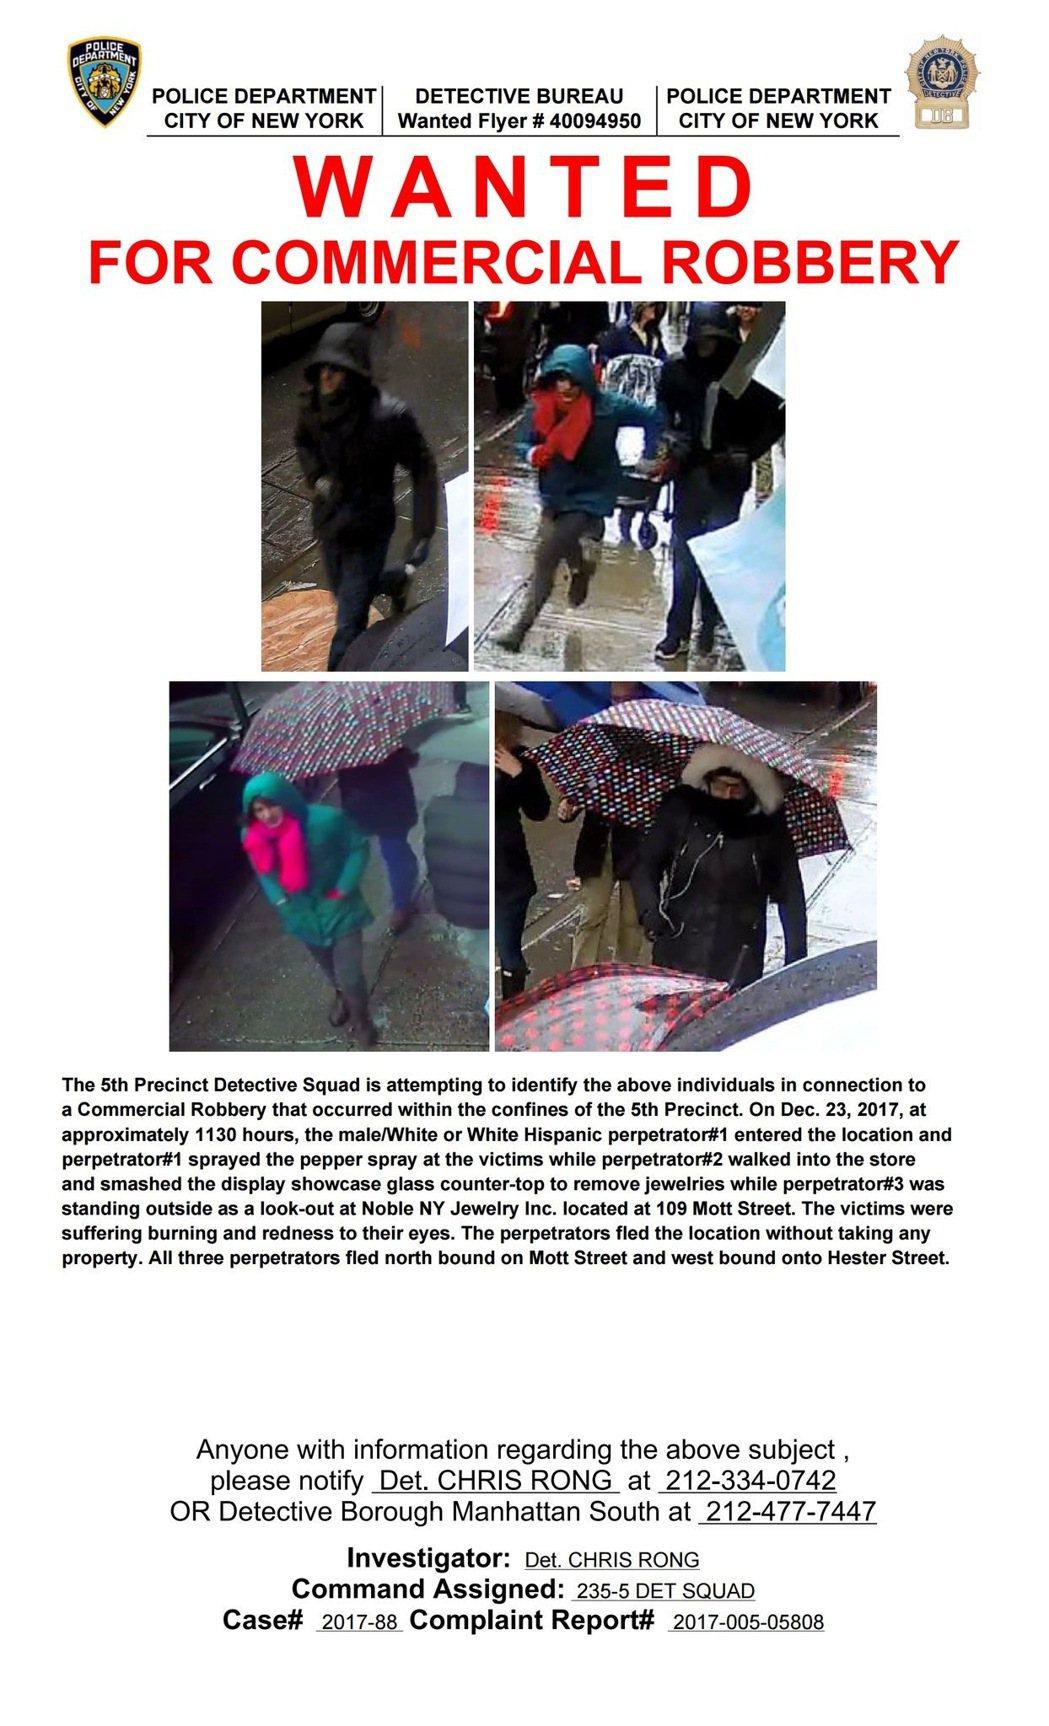 23日上午11時半左右,一名白人男子和一名白人女子走進華埠勿街(Mott St....